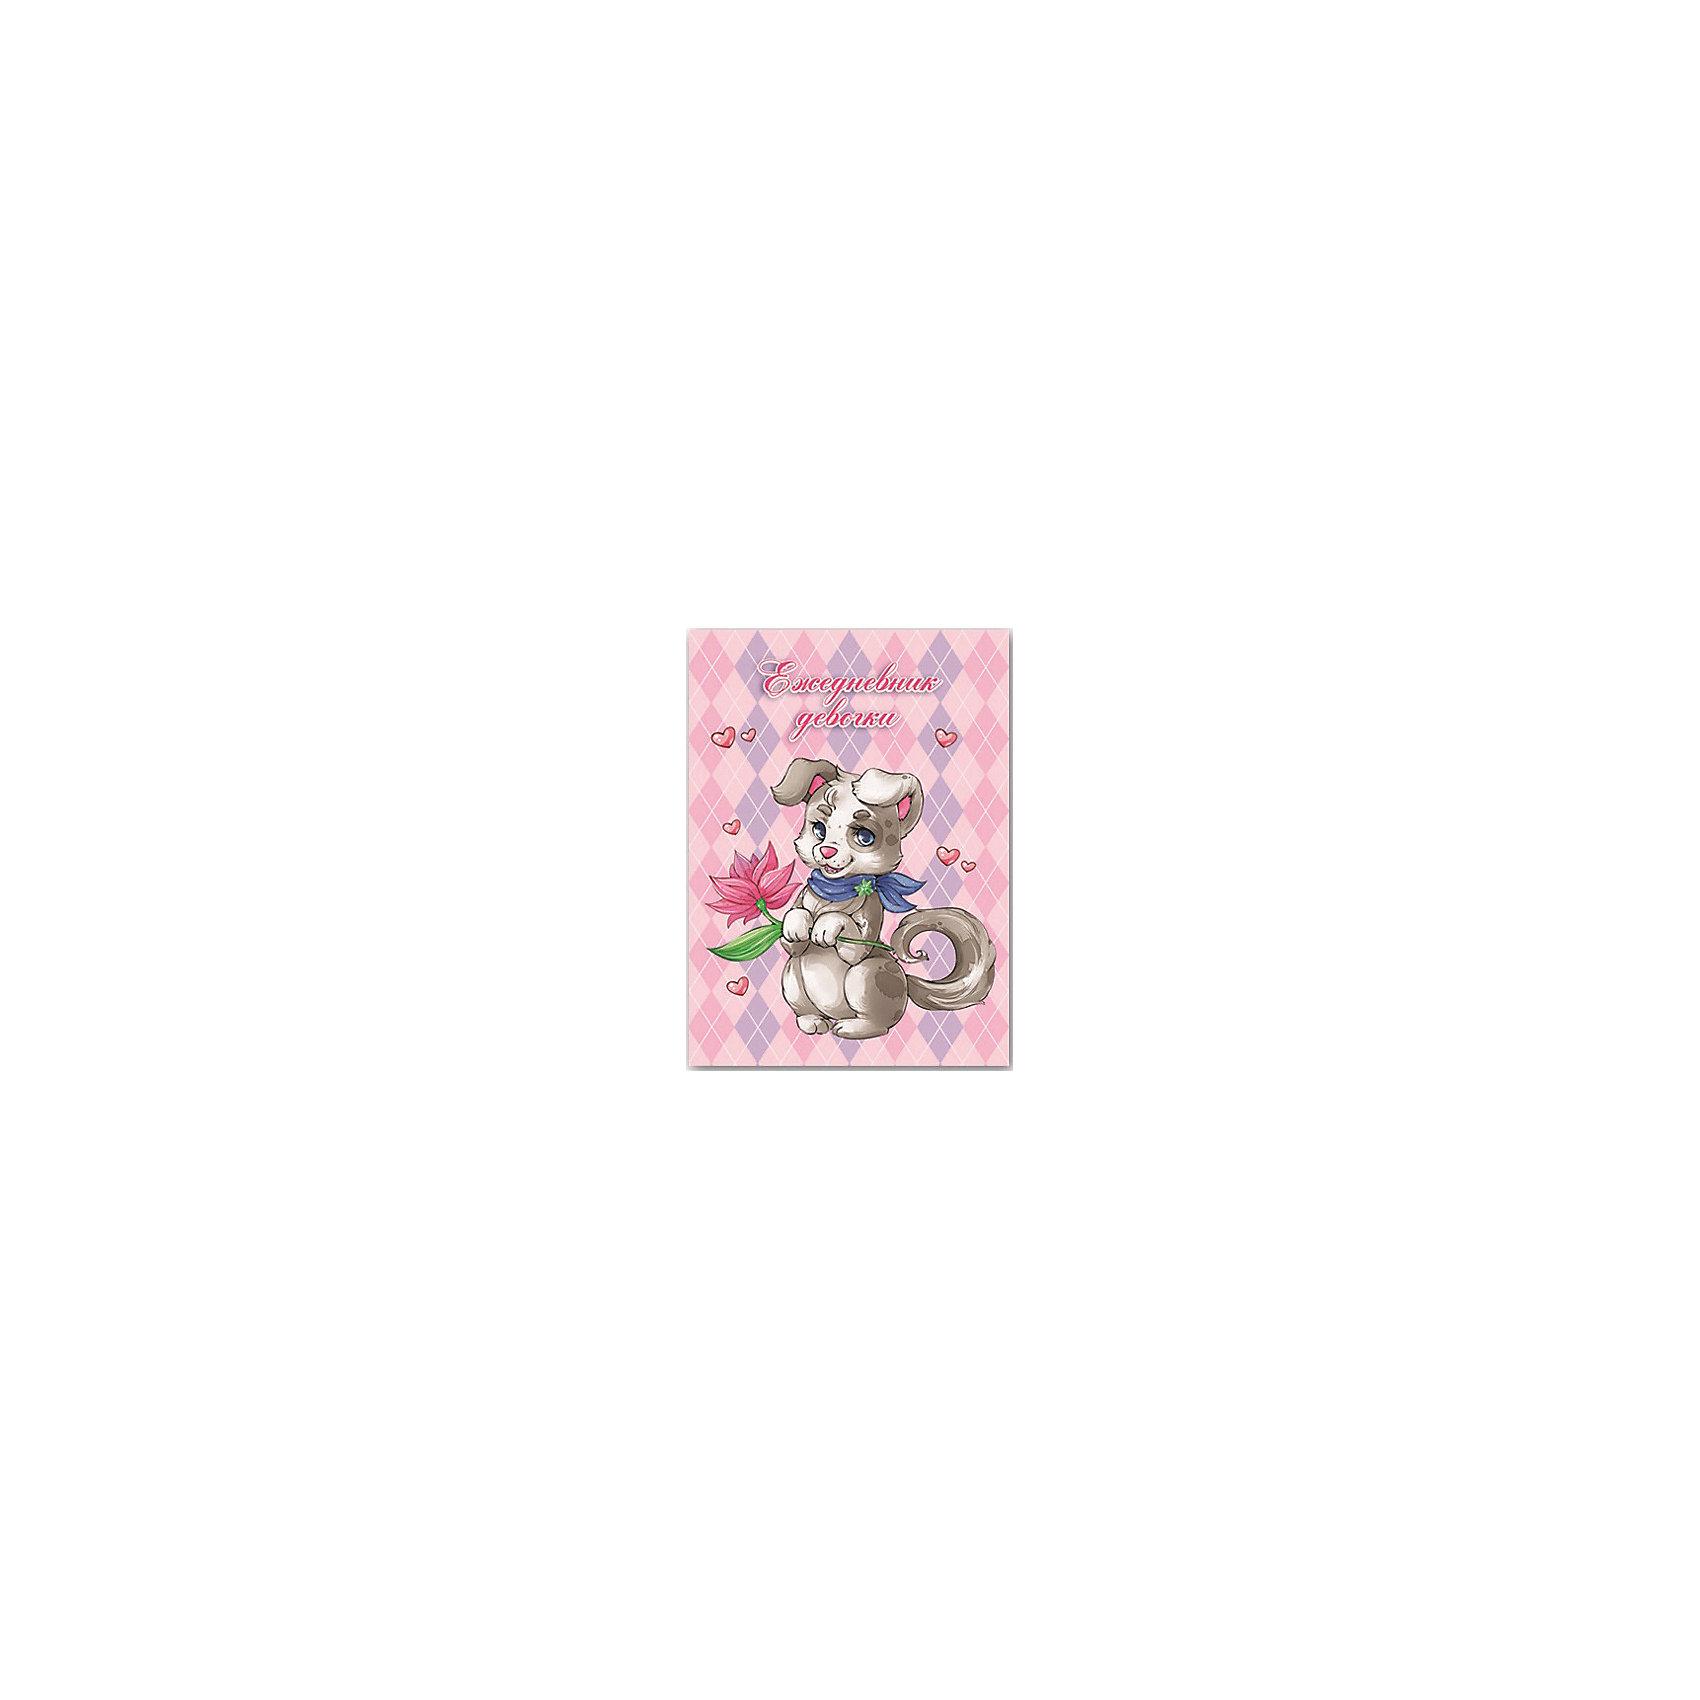 Ежедневник девочки Щенок с цветком, А6Бумажная продукция<br>Ежедневник Щенок с цветком - прекрасный подарок на любой праздник! Девочки обожают секретики! Эта замечательная книжечка с твердом переплете сохранит все девичьи тайны. На плотных страничках удобно писать или же рисовать, а яркая, красочная обложка с изображением очаровательного щенка  покорит кого угодно. <br>Небольшой формат позволяет брать ежедневник куда угодно - он запросто поместится в любой сумочке и всегда будет под рукой! <br><br>Дополнительная информация:<br><br>- Переплет: твердый, с поролоновой прослойкой и глянцевой ламинацией.<br>- Количество страниц: 128.<br>- Формат А6 (12,5 х 18 см.).<br><br>Ежедневник девочки Щенок с цветком, А6, можно купить в нашем магазине.<br><br>Ширина мм: 155<br>Глубина мм: 110<br>Высота мм: 10<br>Вес г: 130<br>Возраст от месяцев: 48<br>Возраст до месяцев: 2147483647<br>Пол: Женский<br>Возраст: Детский<br>SKU: 4756001